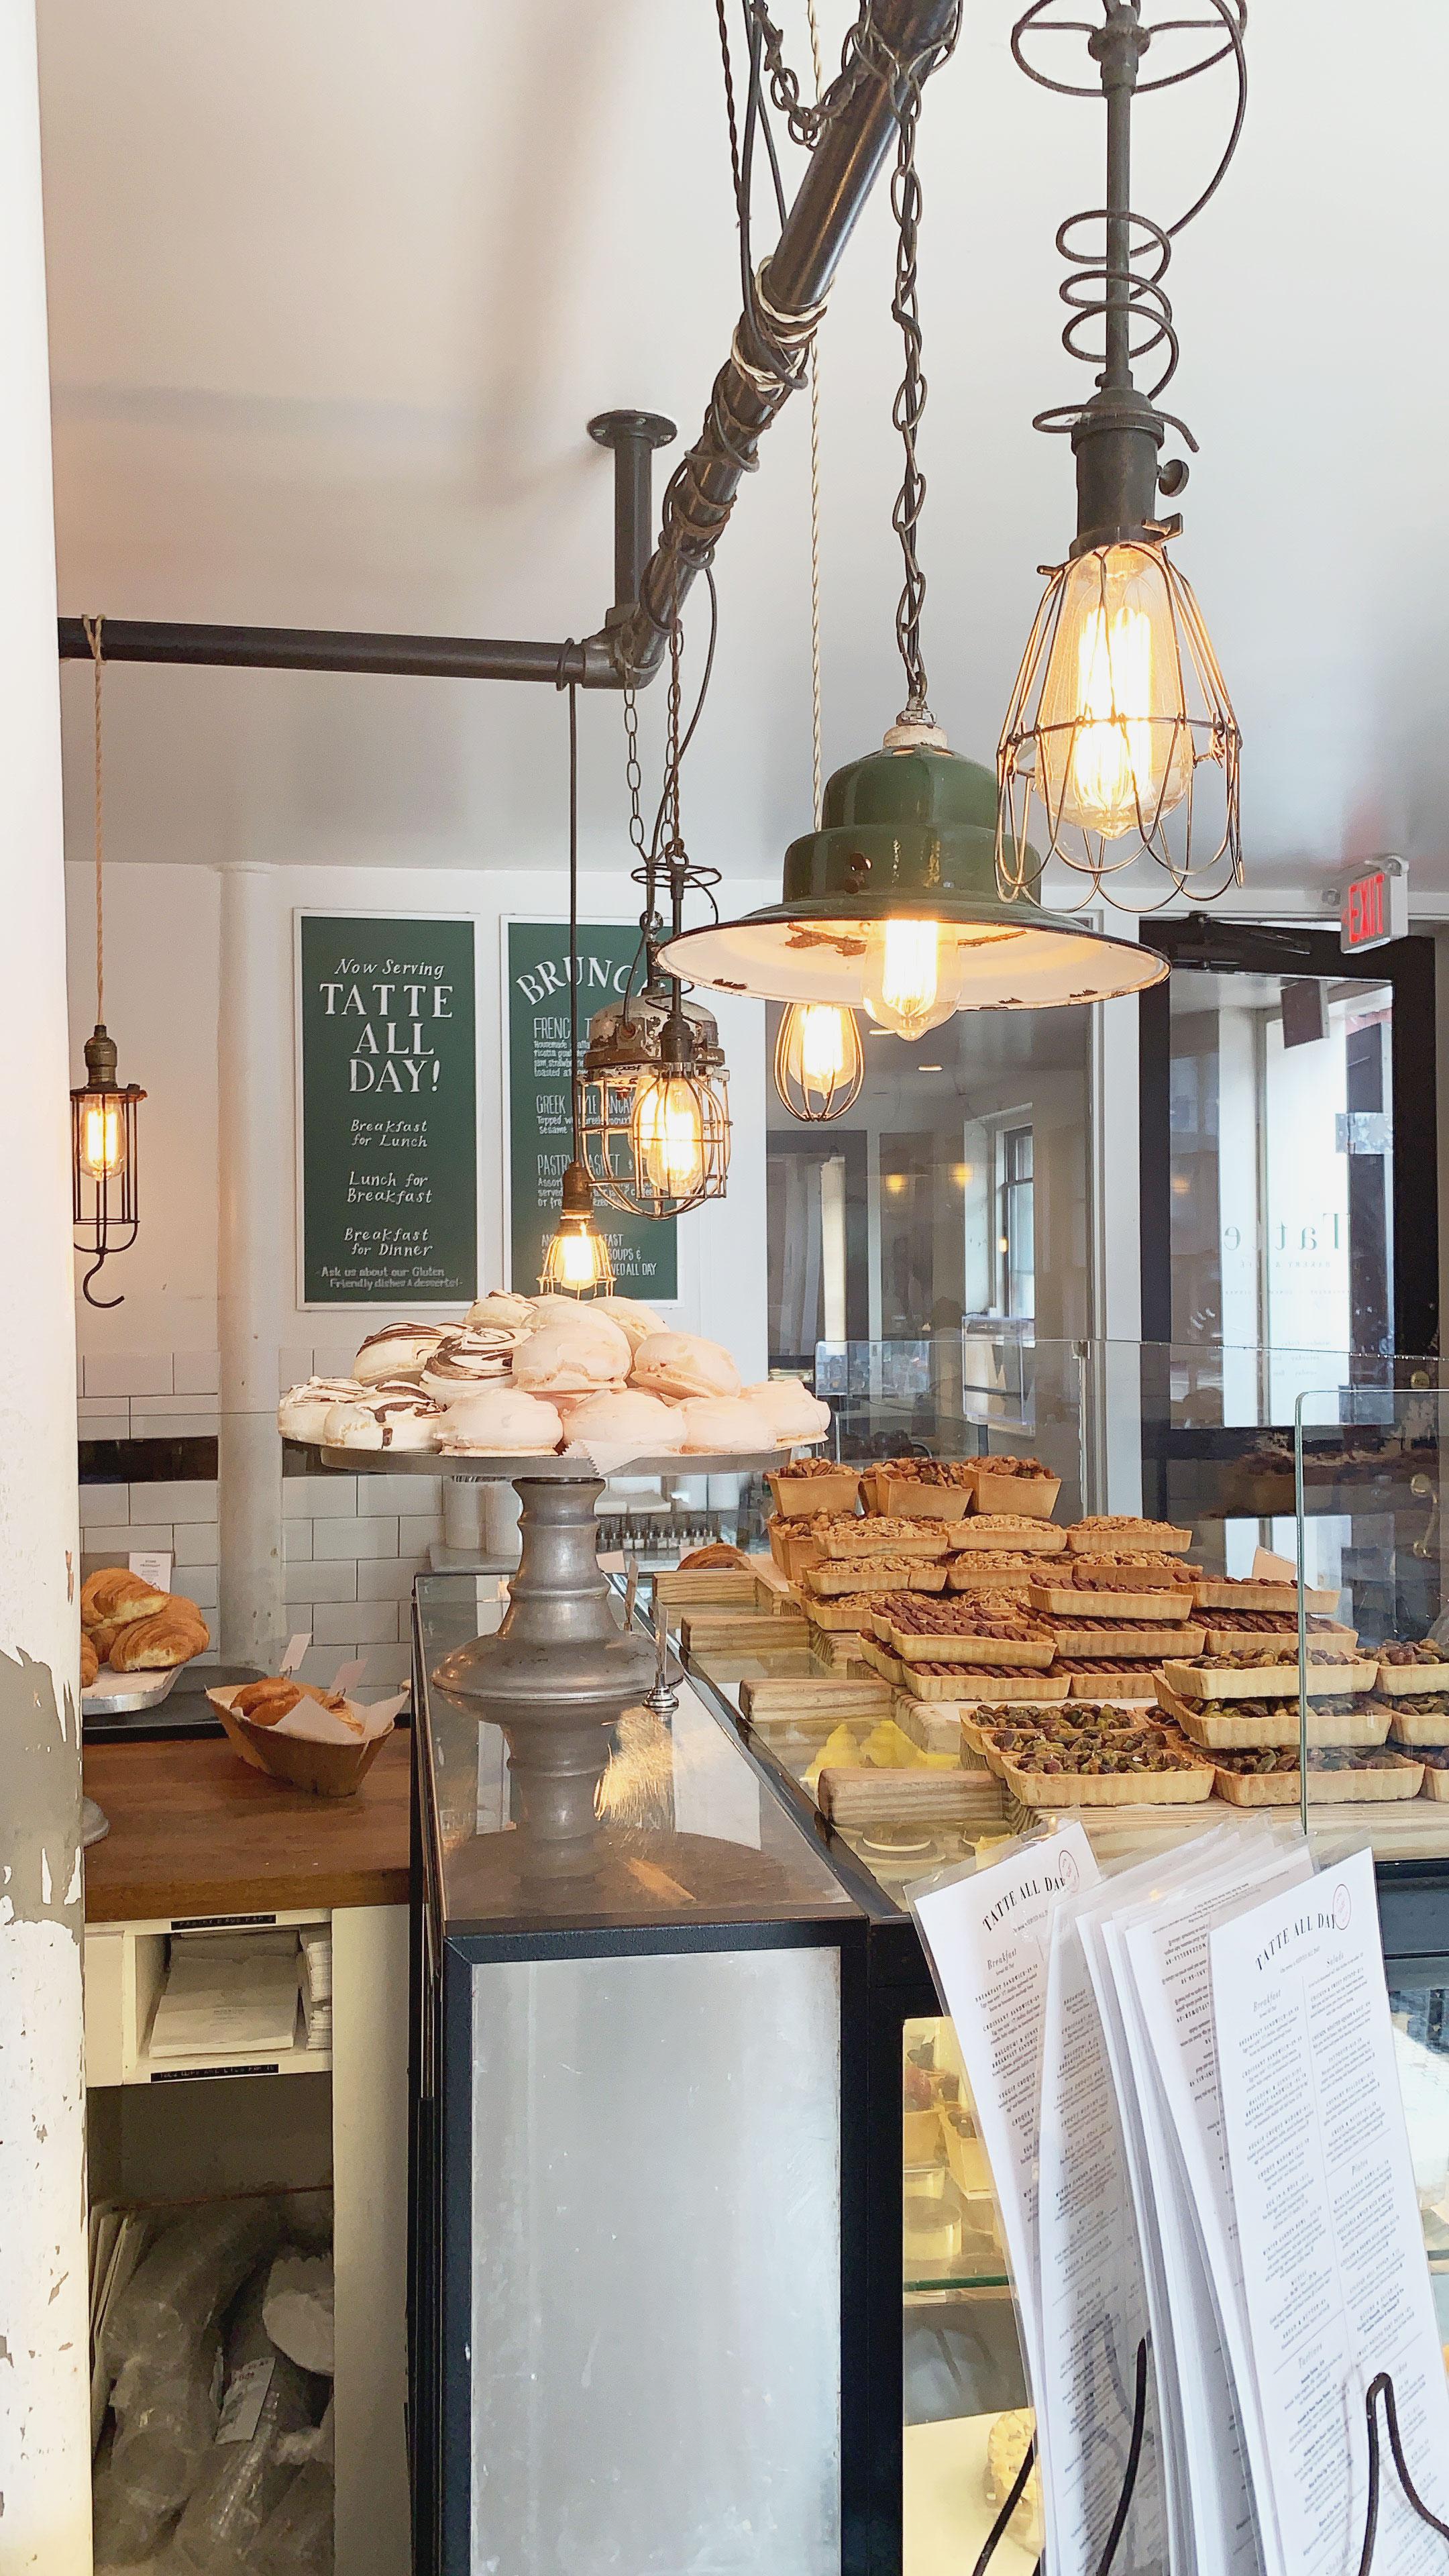 Tatte Bakery & Cafe in Boston